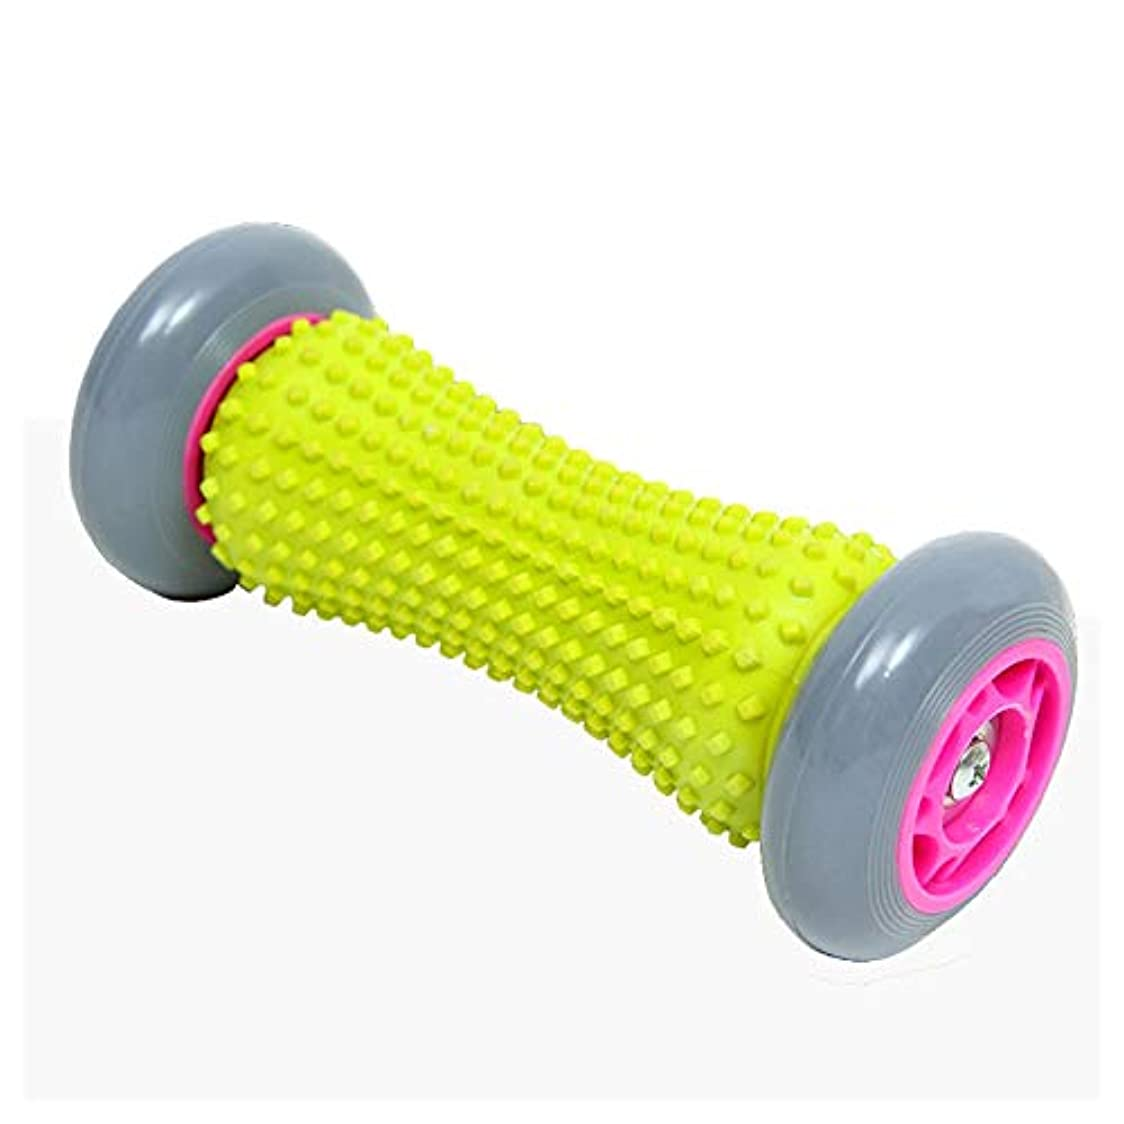 怪しい高める是正足底筋膜炎のリフレクソロジーのためのフットローラーマッサージ背中の足の筋肉マッサージャー+ 2先端のとがったボール